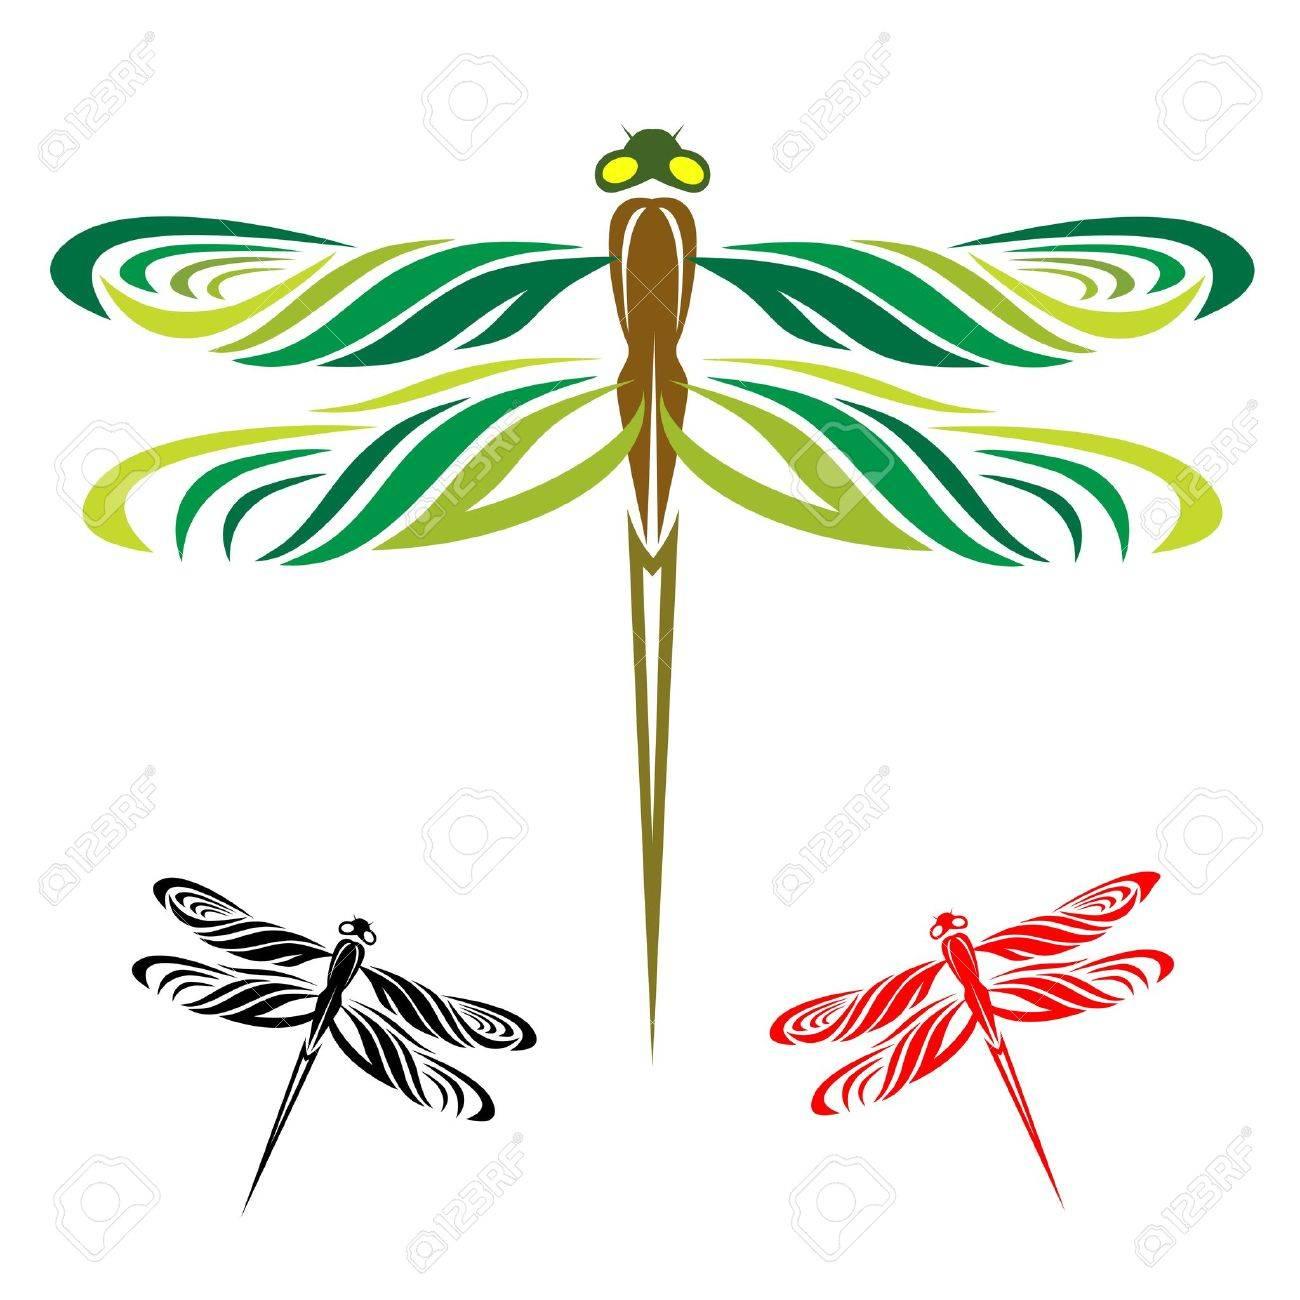 16158345-Les-libellules-sont-trois-ailes-sur-un-fond-blanc-Banque-d'images.jpg